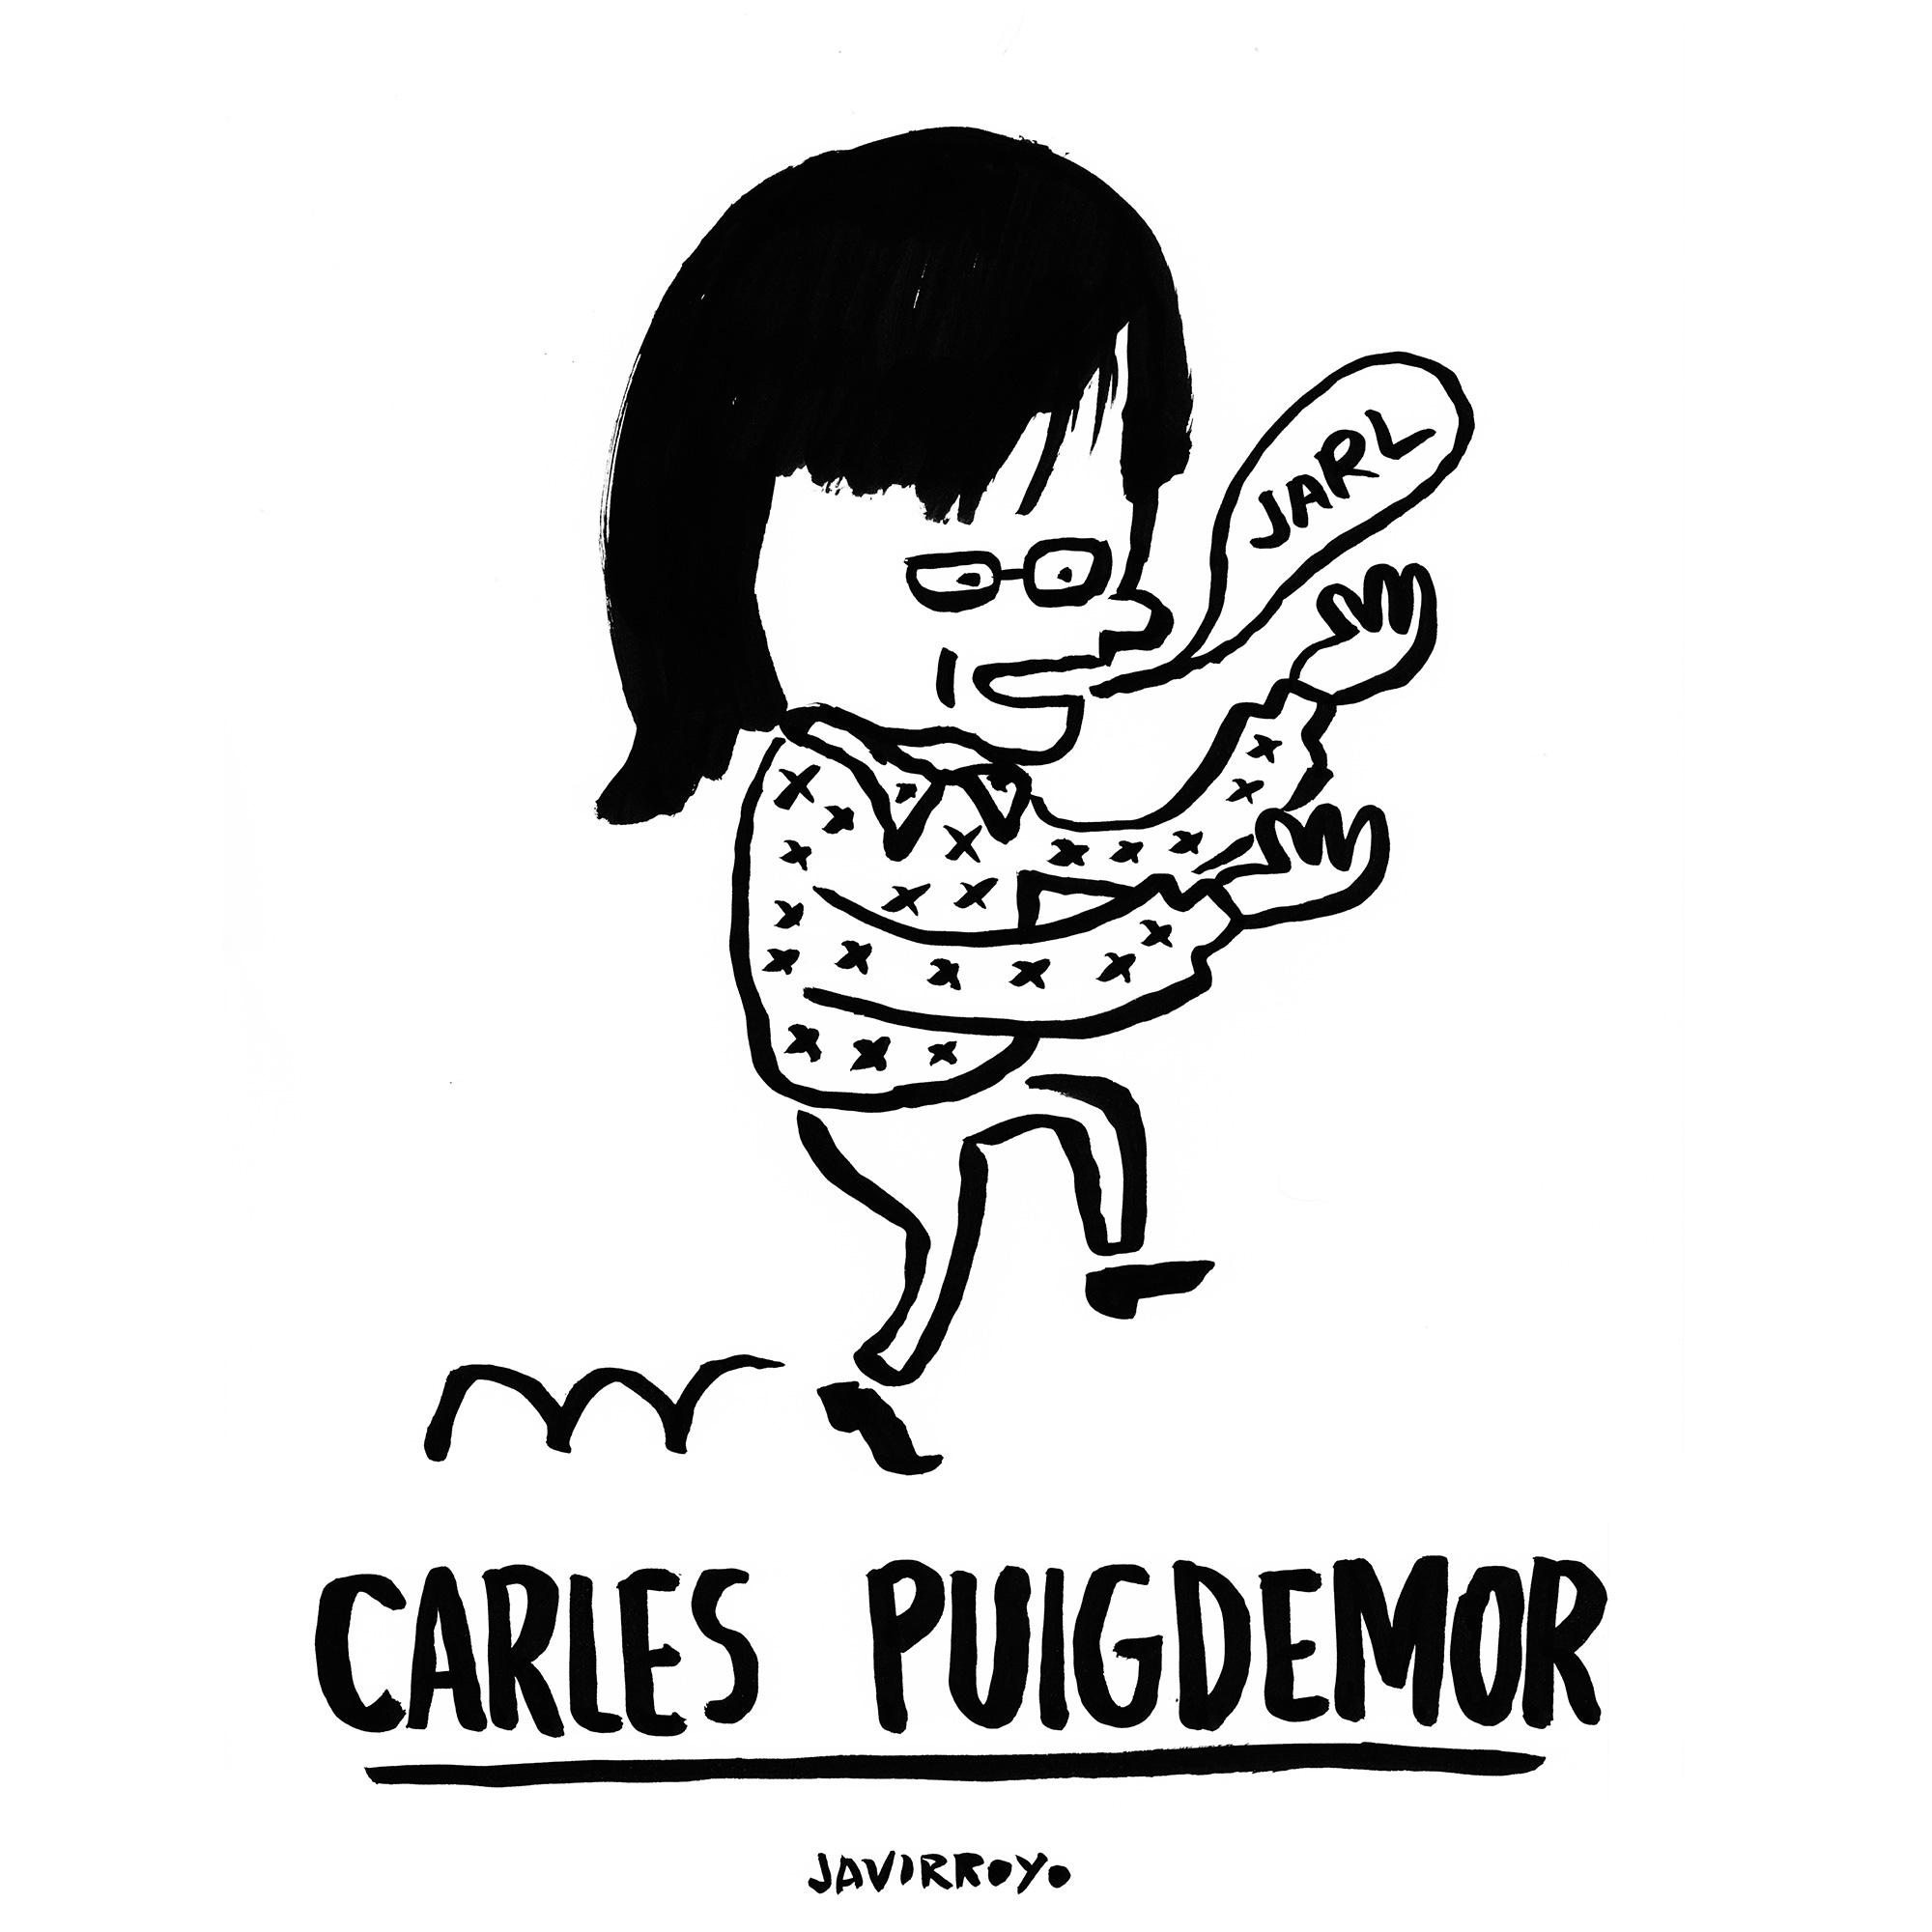 carles-puigdemor